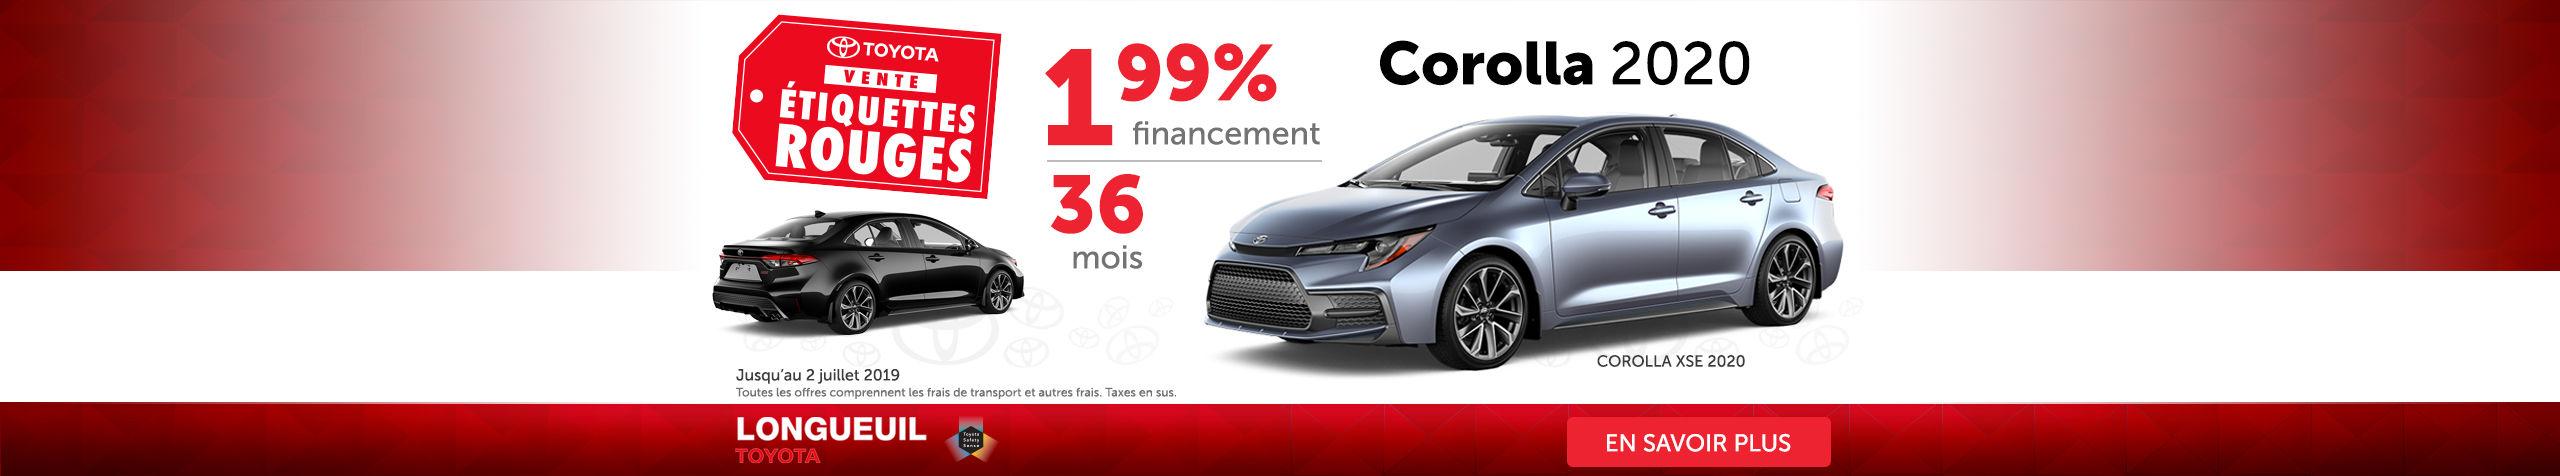 Corolla XSE 2020